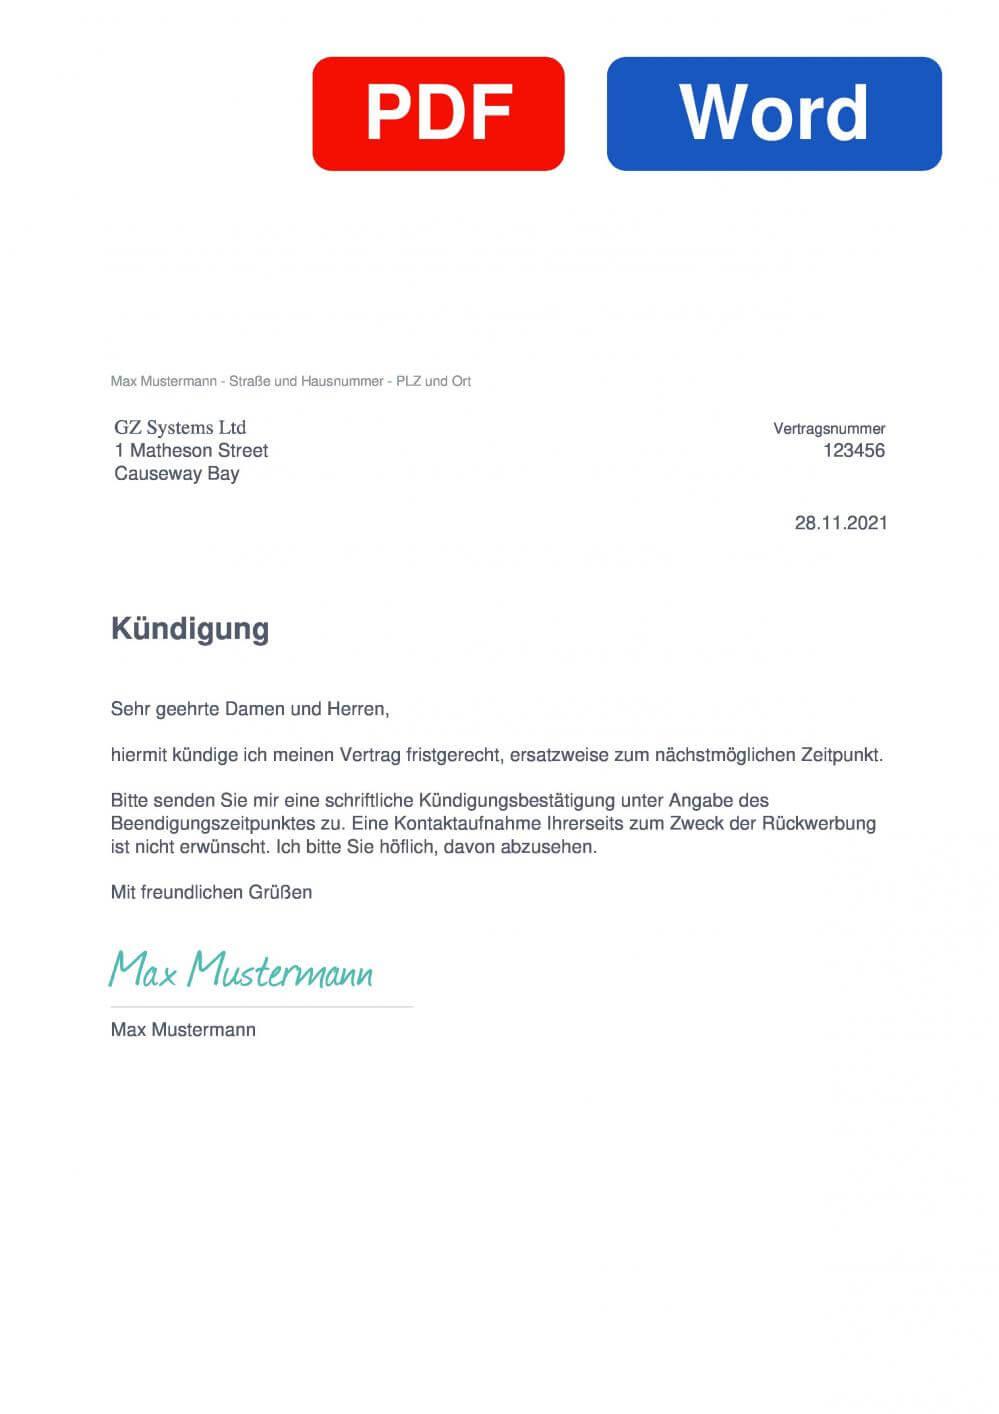 PureVPN Muster Vorlage für Kündigungsschreiben